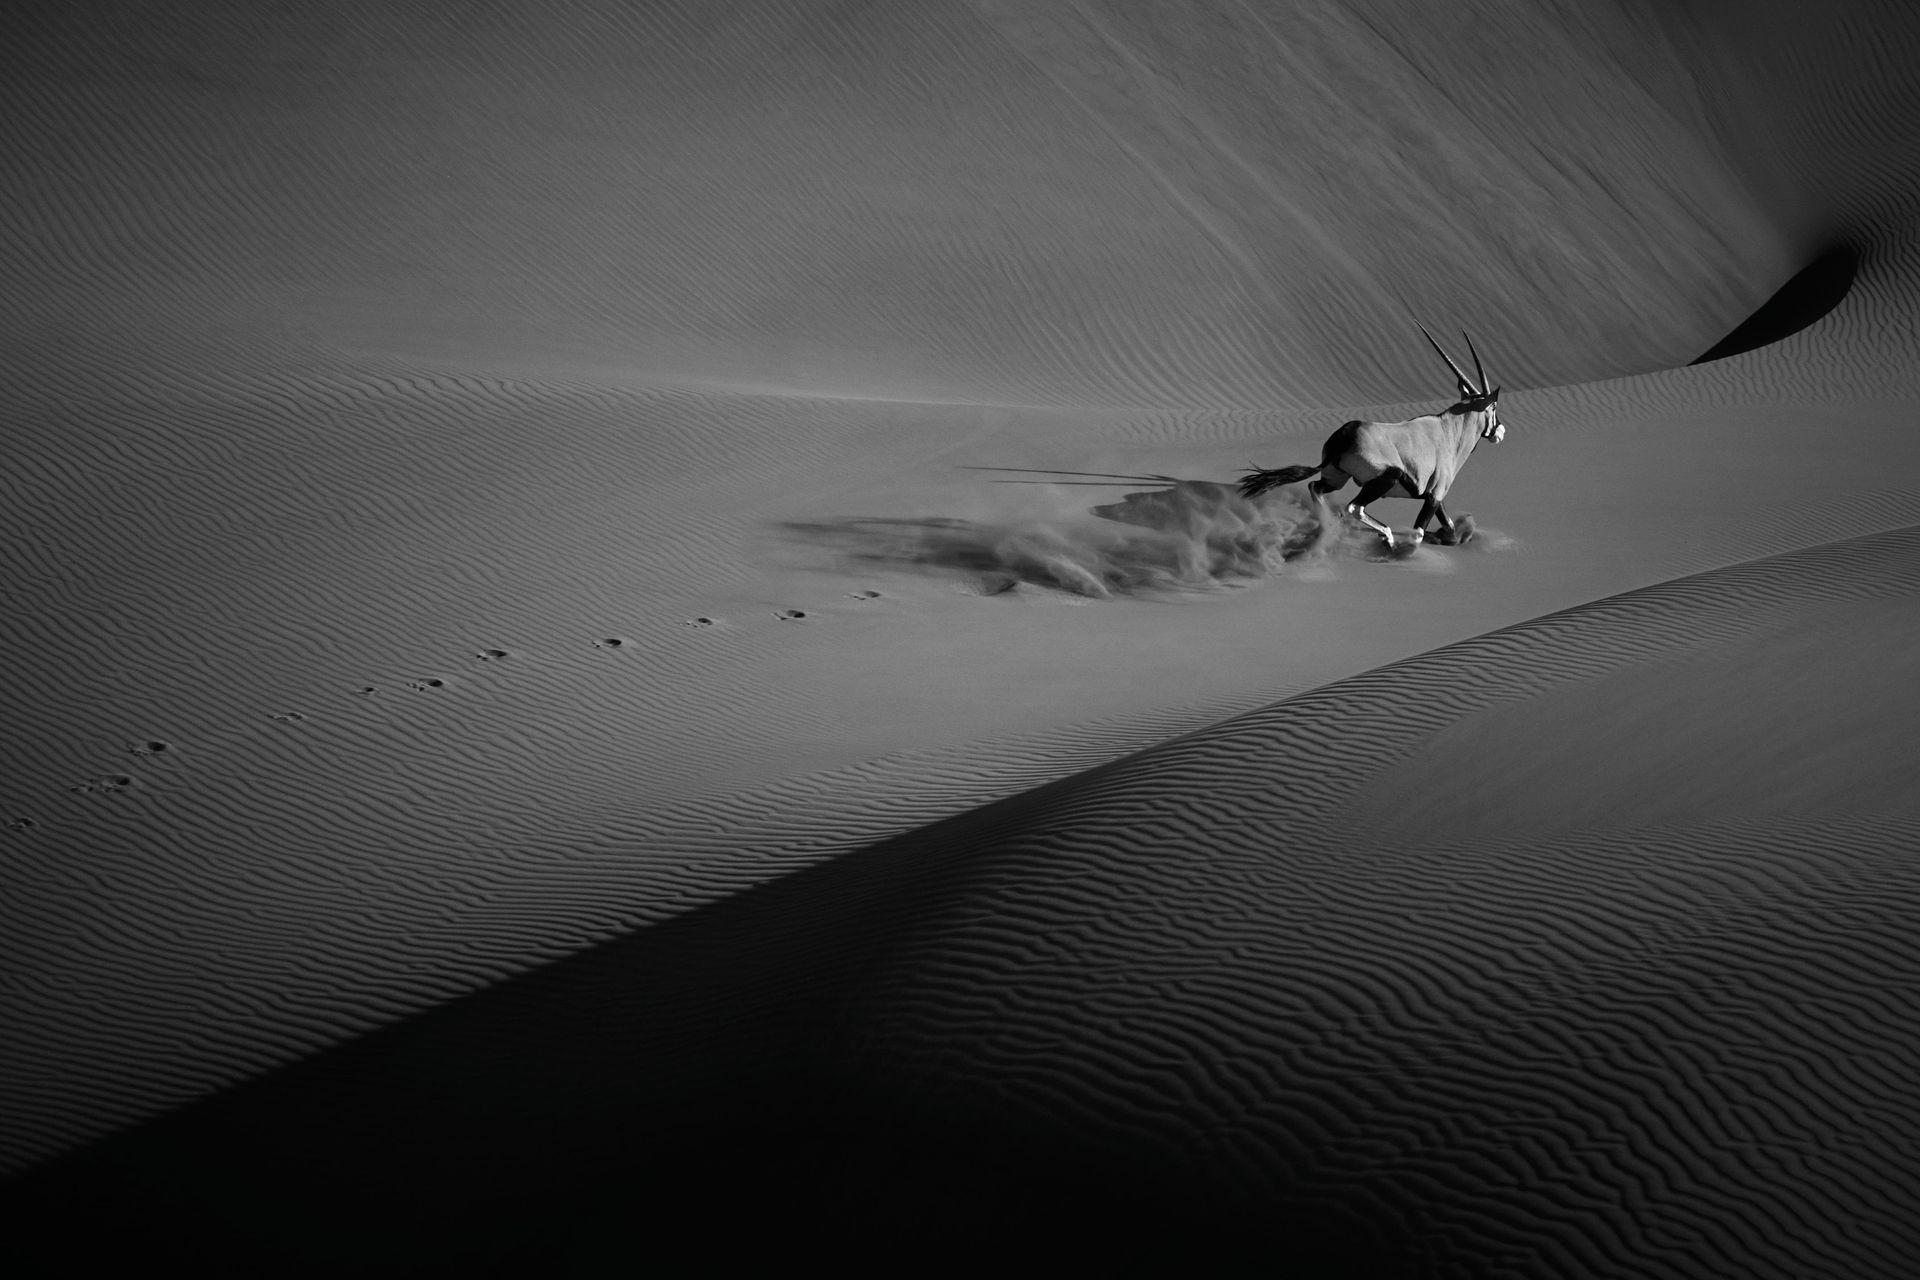 Dunes-Landscapes-Evolving-Drew-Doggett-Wild-Solitude.jpg